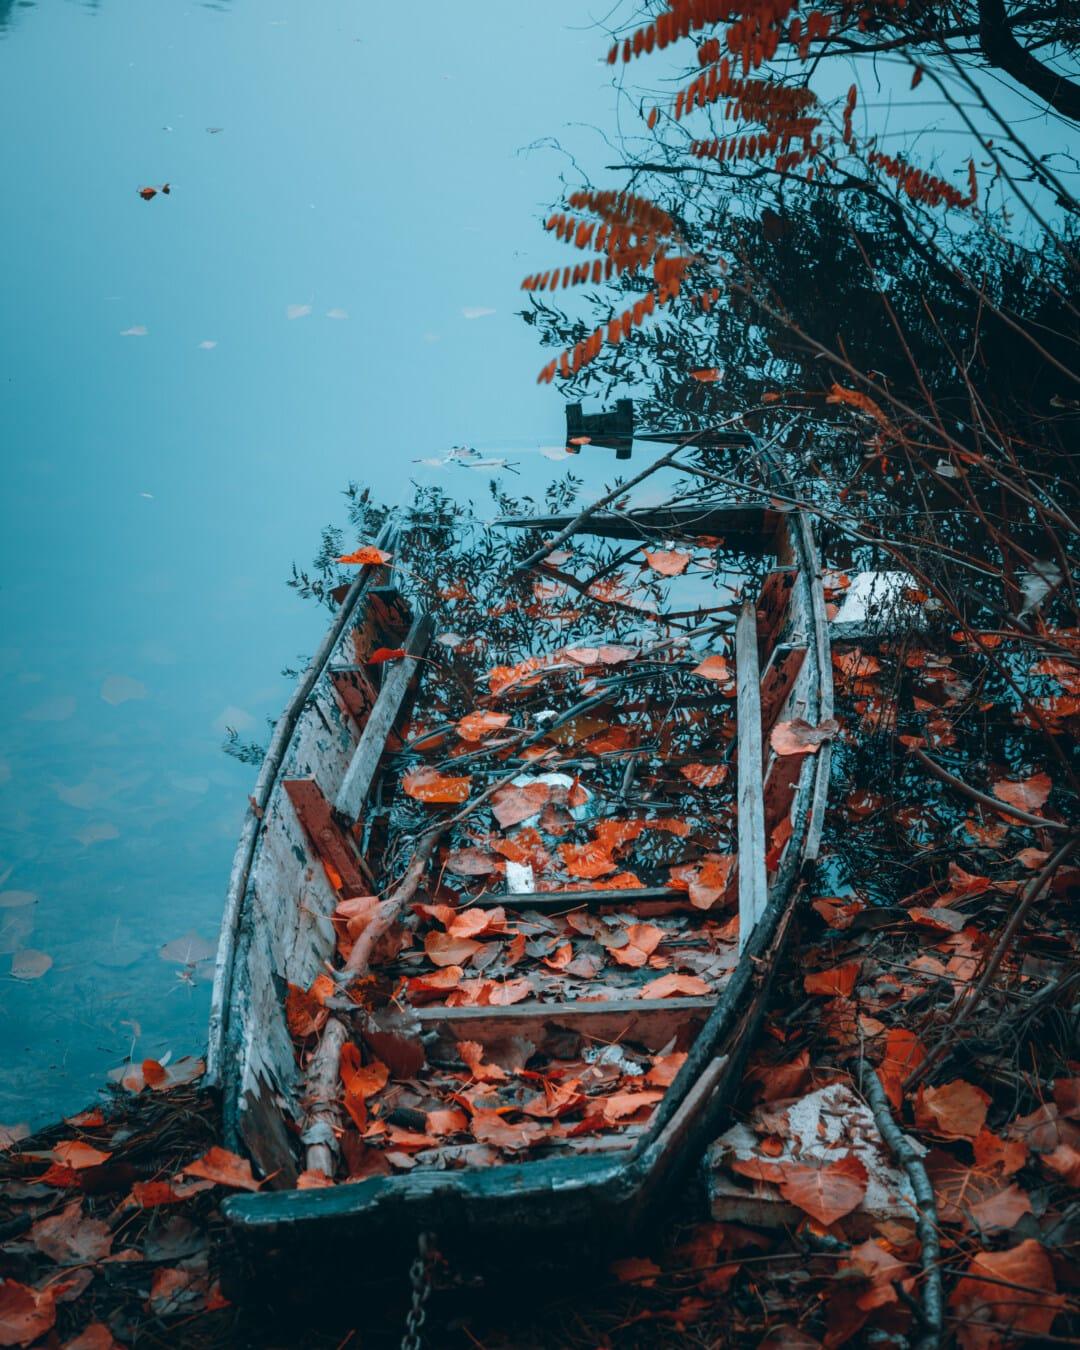 contre les inondations, bateau, abandonné, carie, côte, bateau de rivière, berge, paysage, automne, rivière